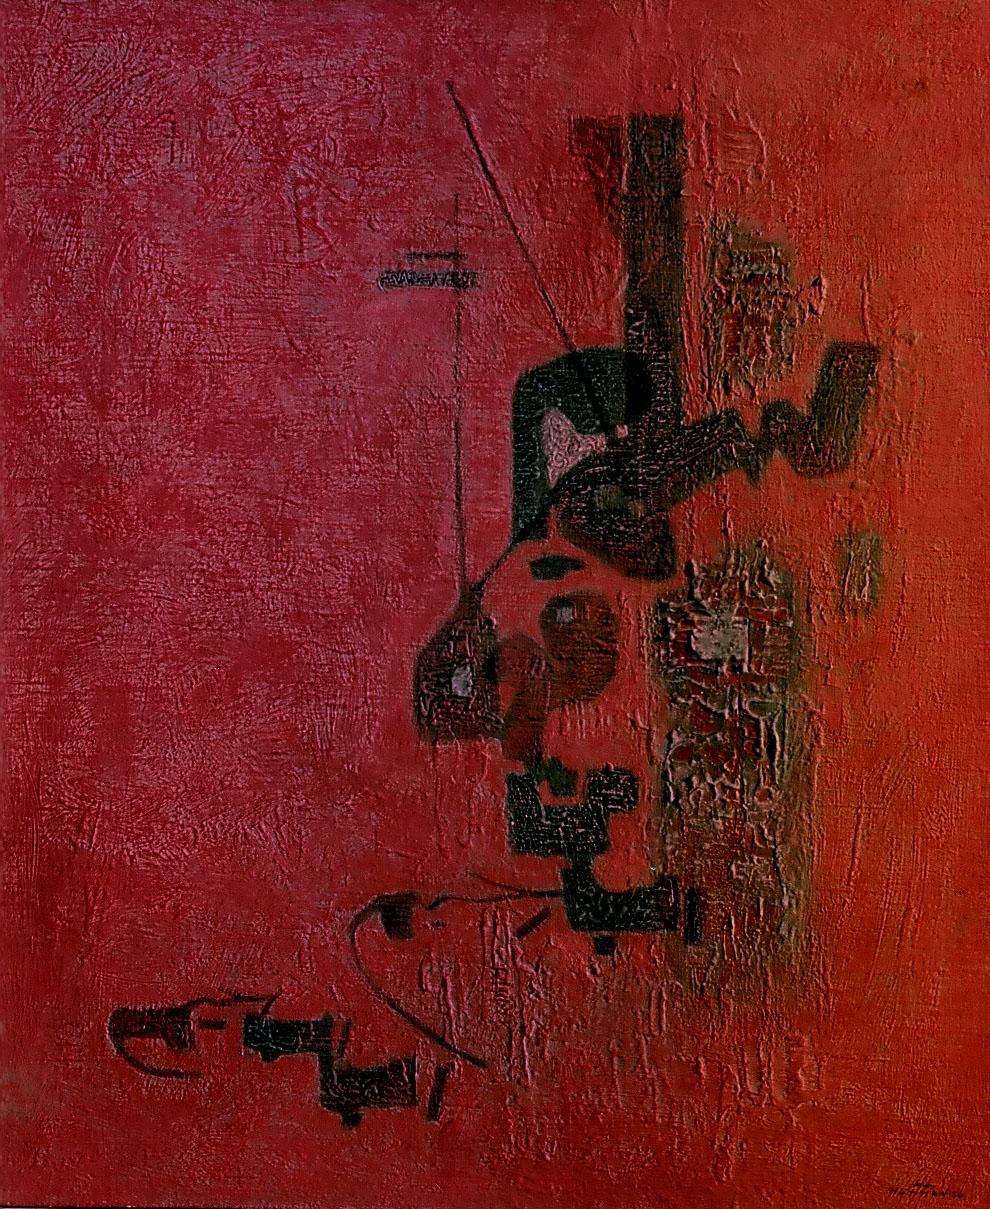 Calligraphy . Salamon Kawlan Min Rabin Raheem . 1964 . سلام قولا من رب رحيم